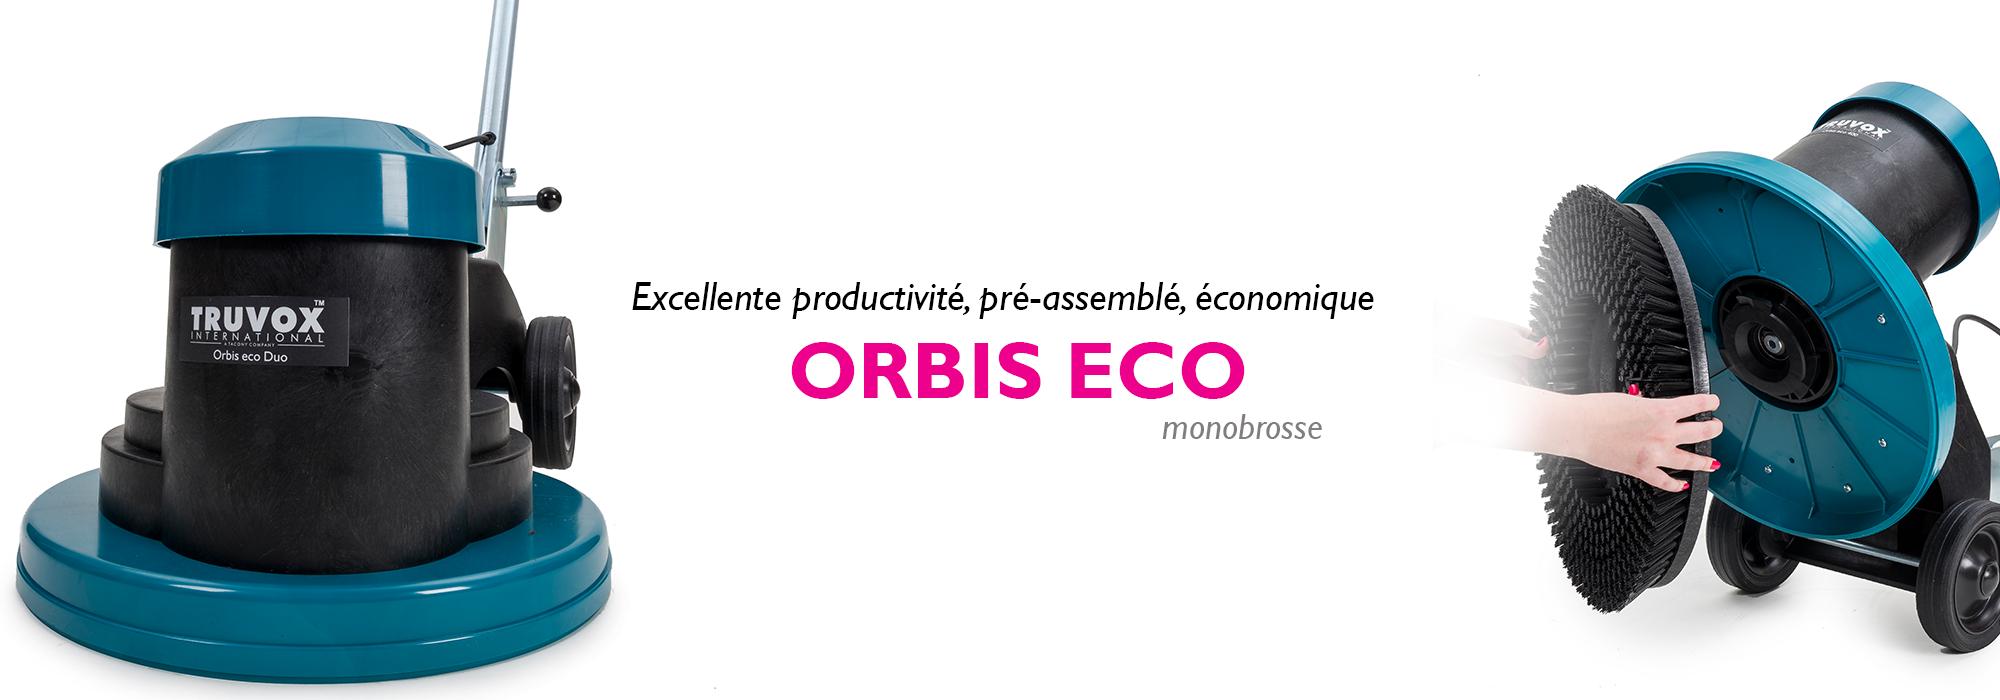 Orbis eco